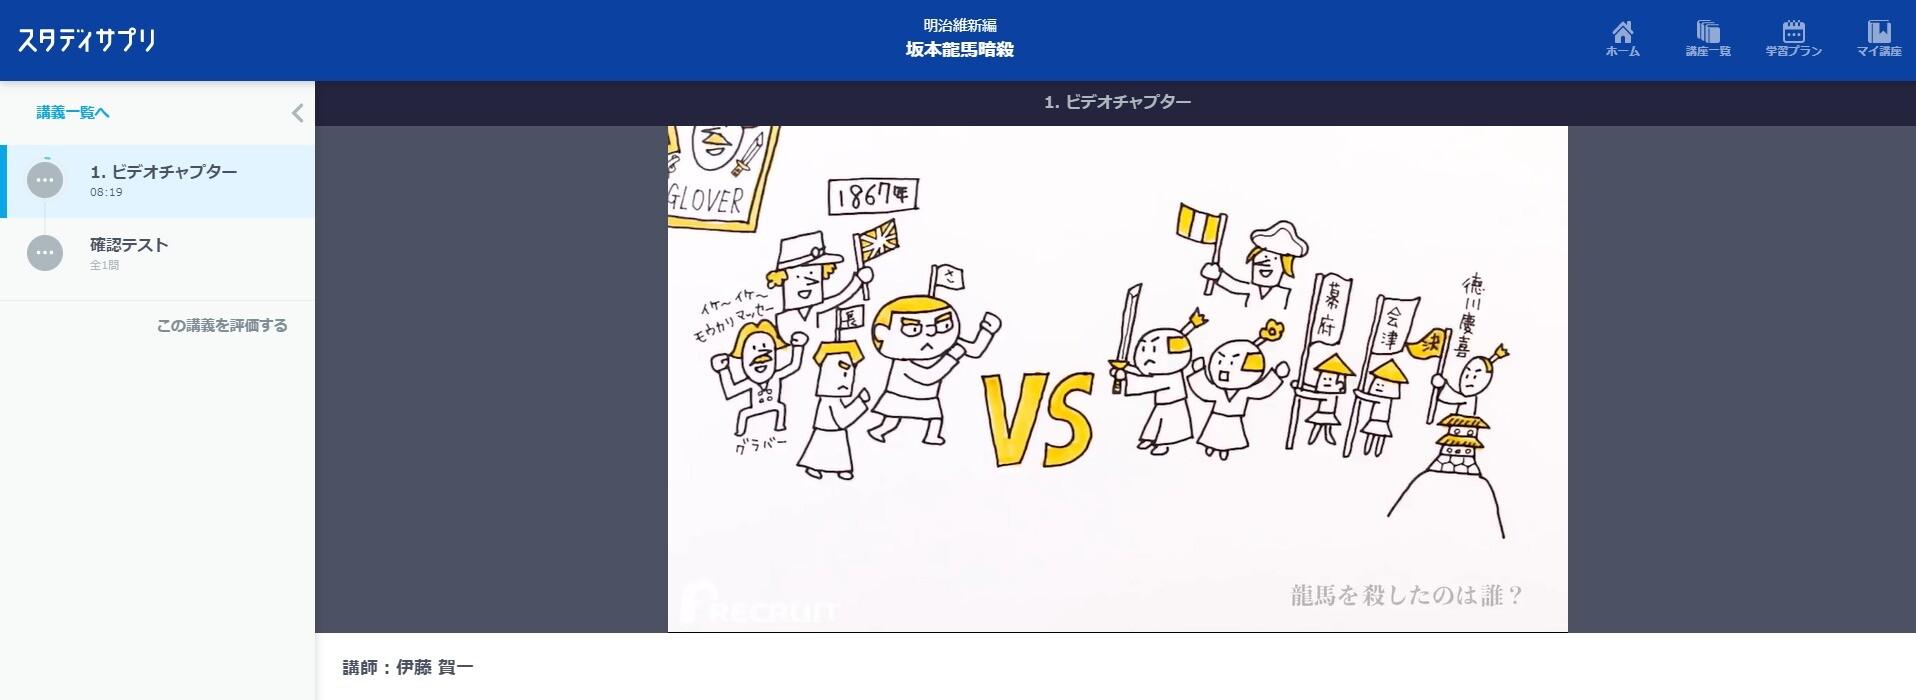 イラストで学ぶ日本史スタディ動画の講義例